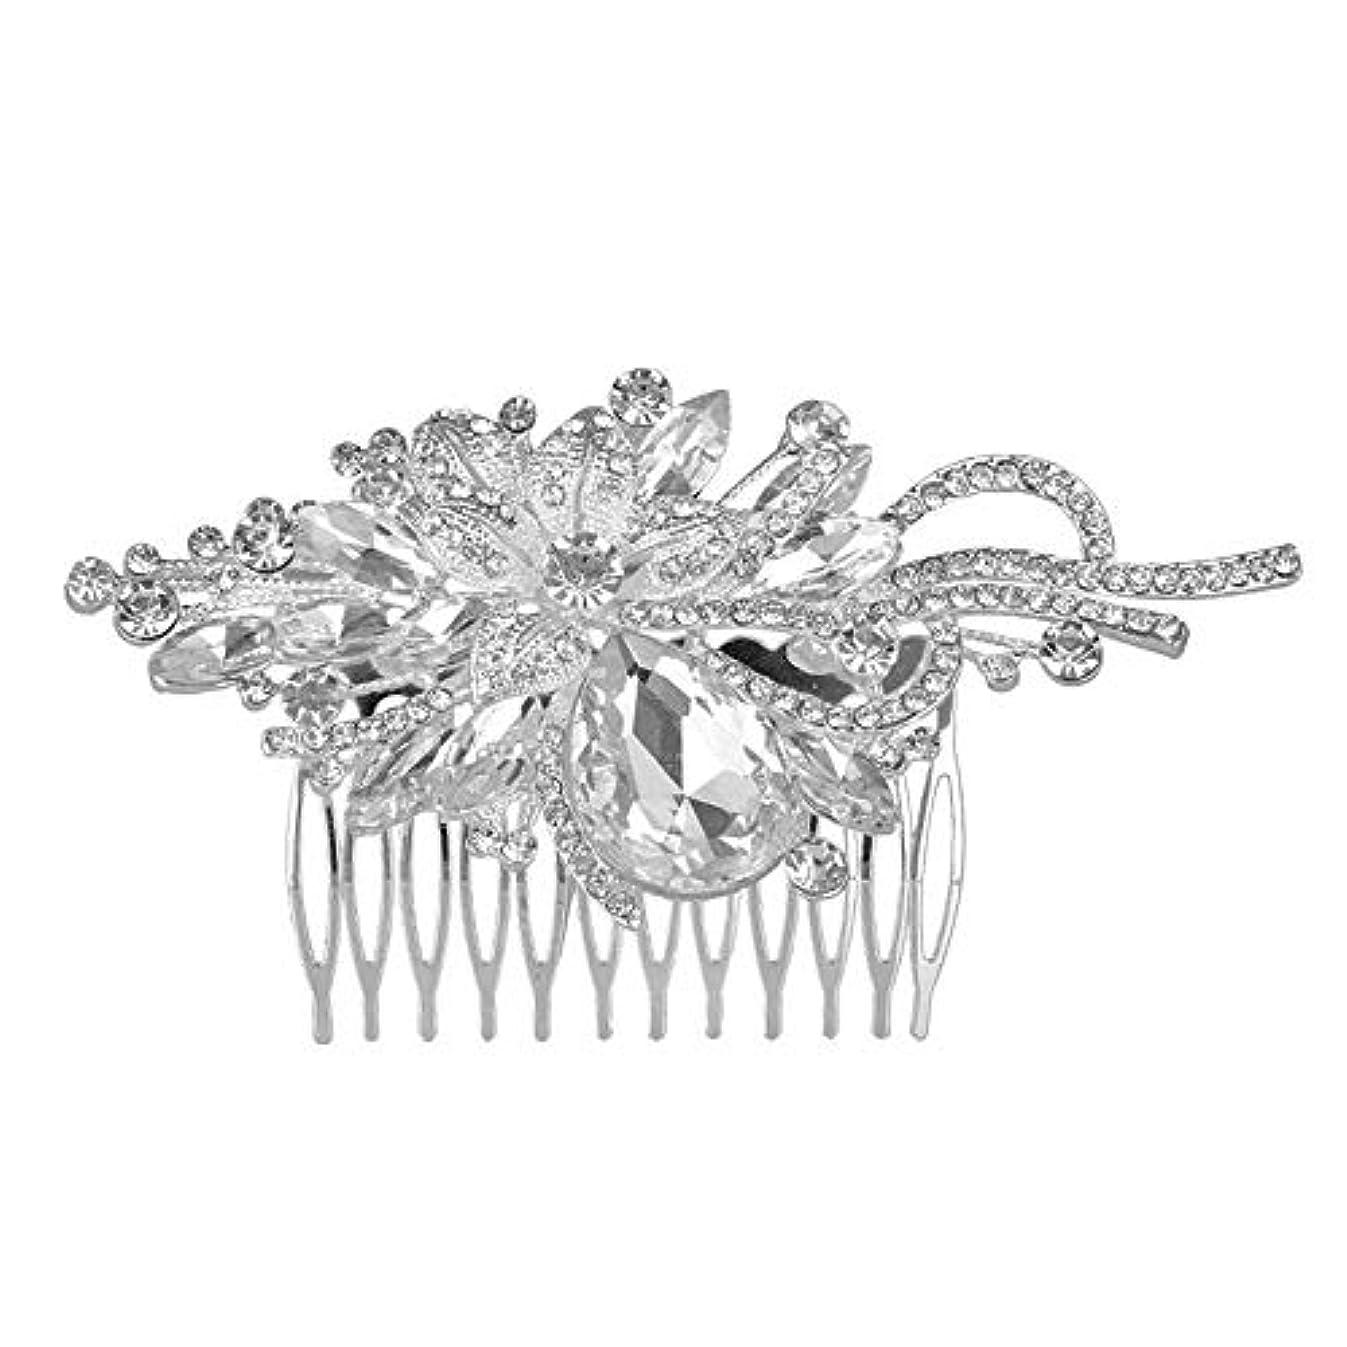 用語集ゼリー地平線髪の櫛挿入櫛花嫁の髪櫛クラウン髪の櫛結婚式のアクセサリー葉の髪の櫛ラインストーンの髪の櫛ブライダルヘッドドレス